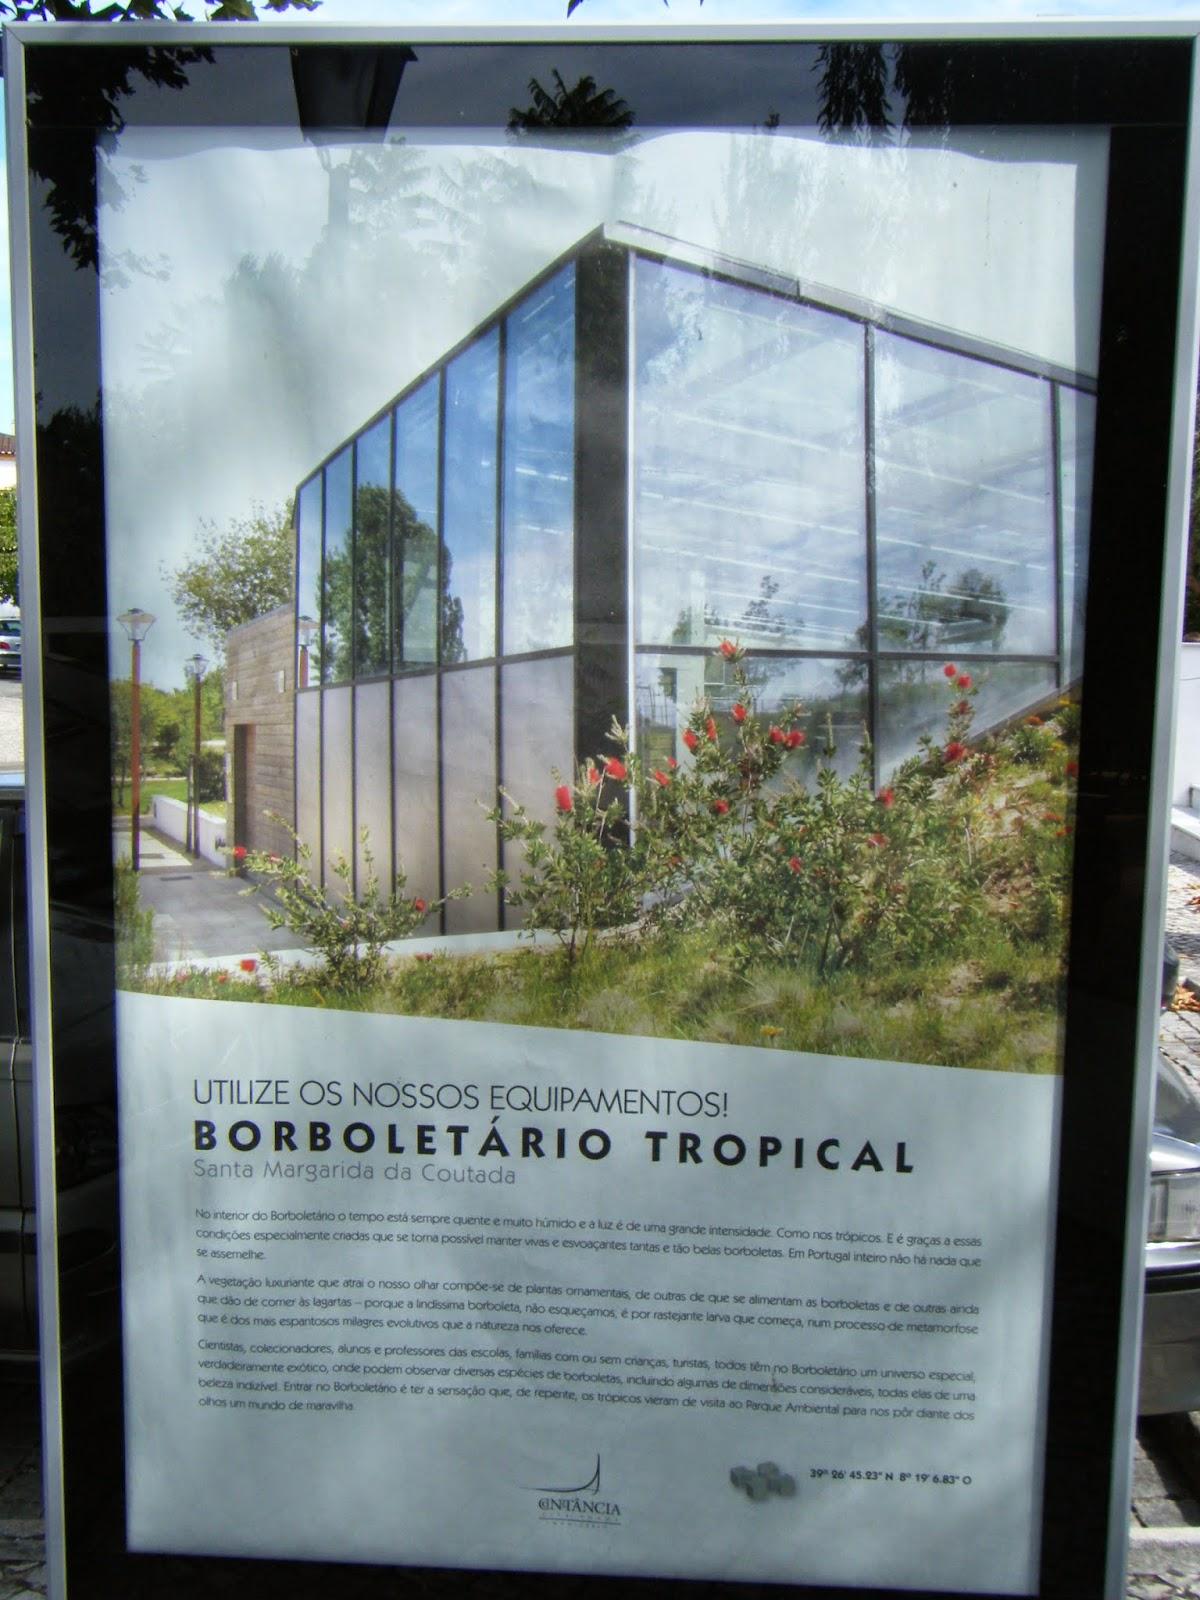 Borboletário Tropical